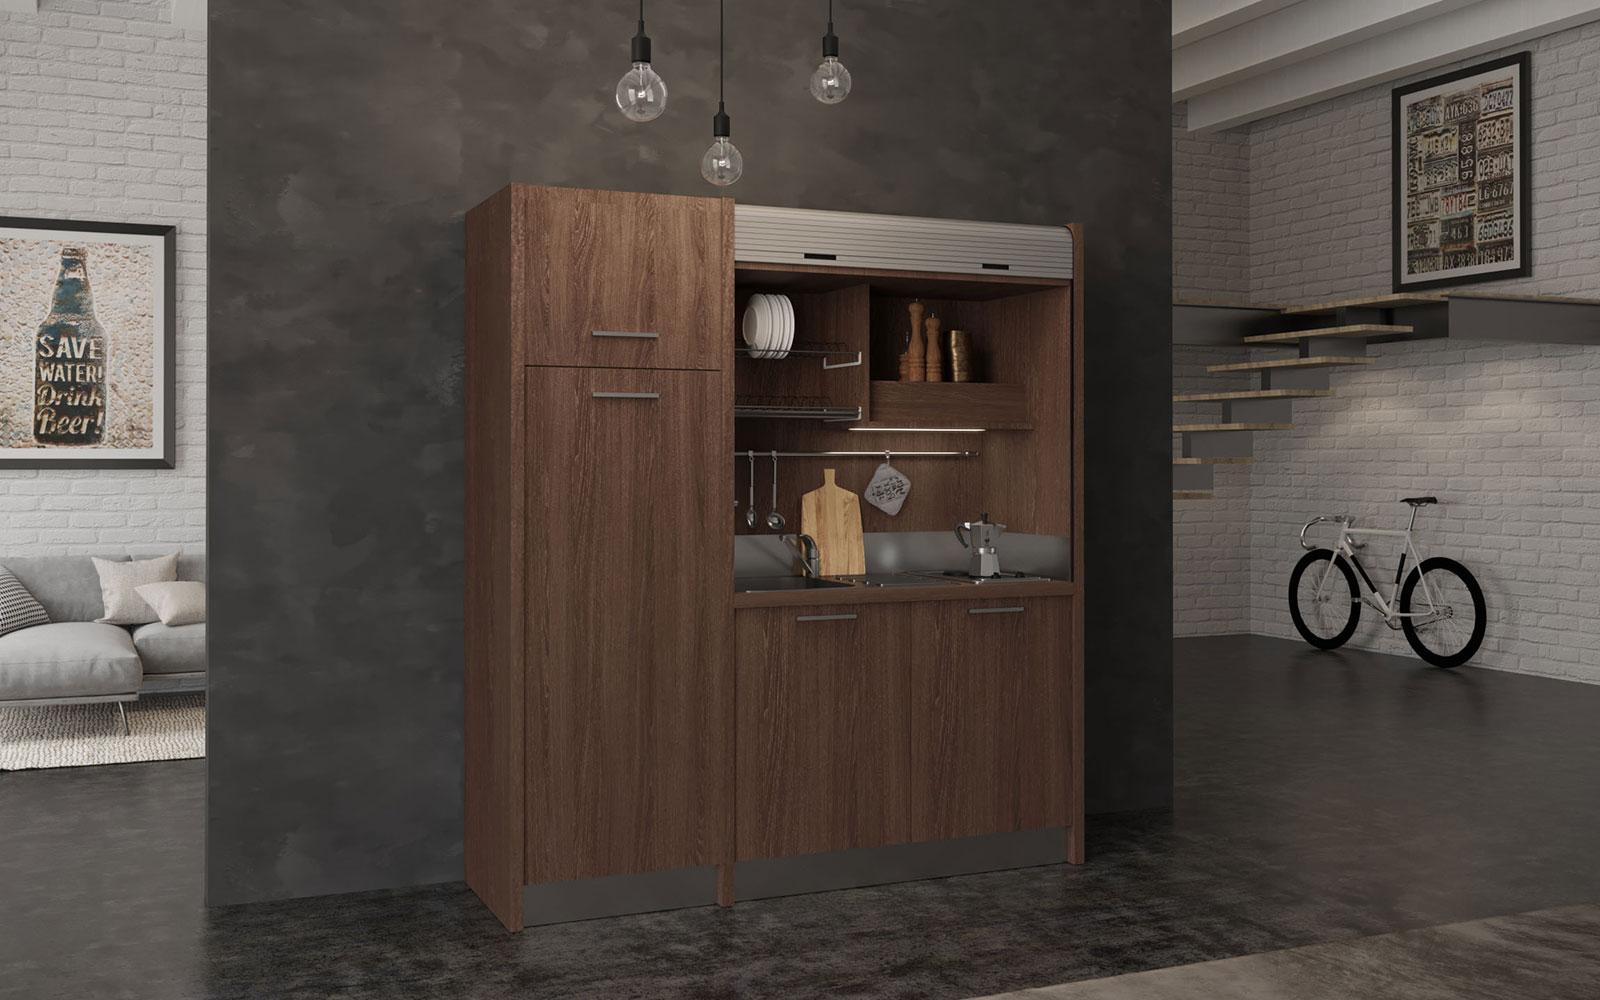 Conero SX - Cucina monoblocco a scomparsa 192cm 4 fuochi frigo alto